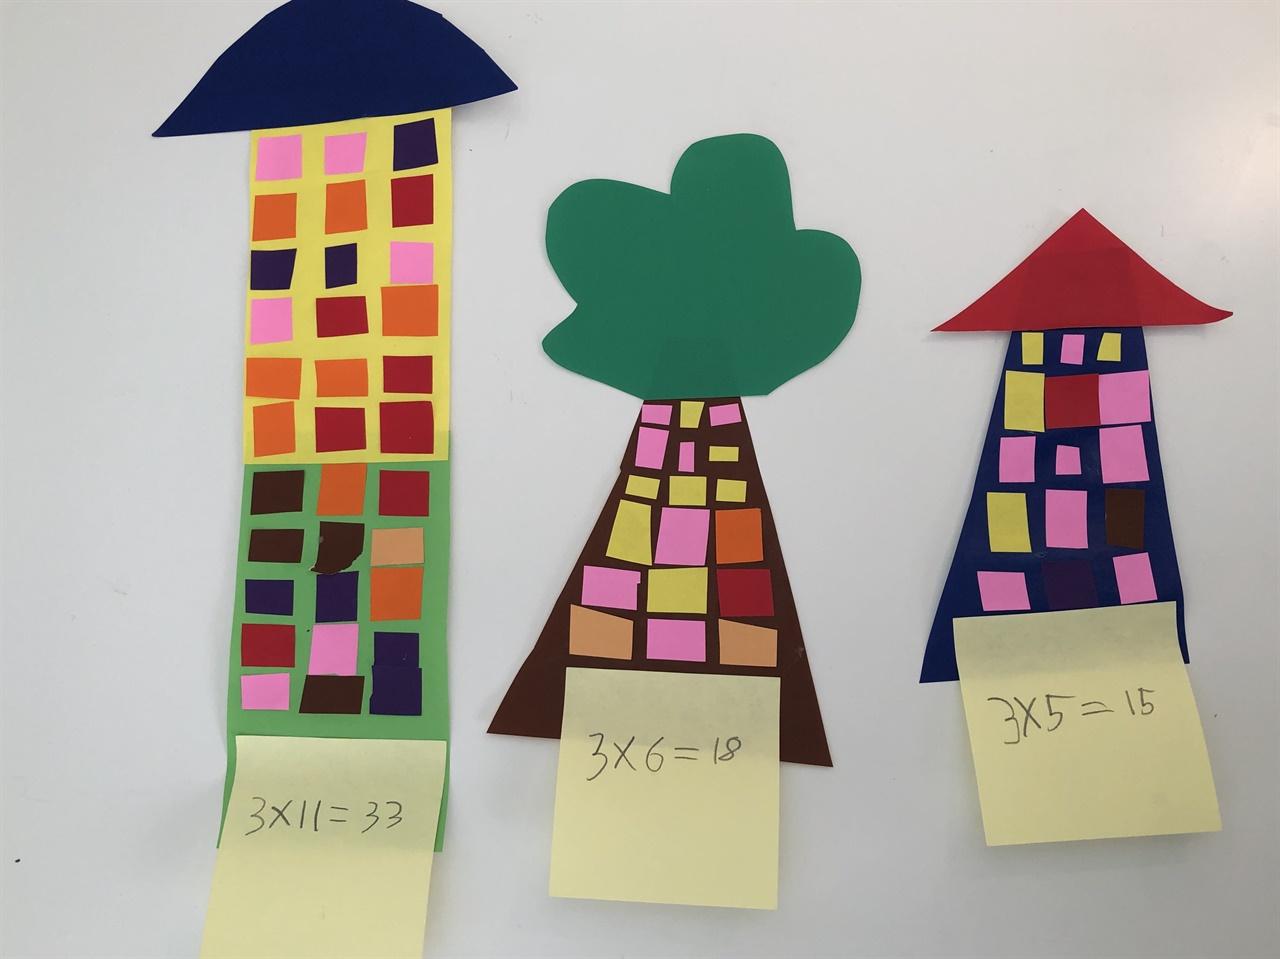 구구단 빌딩 구구단을 놀이와 활동을 접목한 과제해결 수업으로 진행하는 호주 초등교육